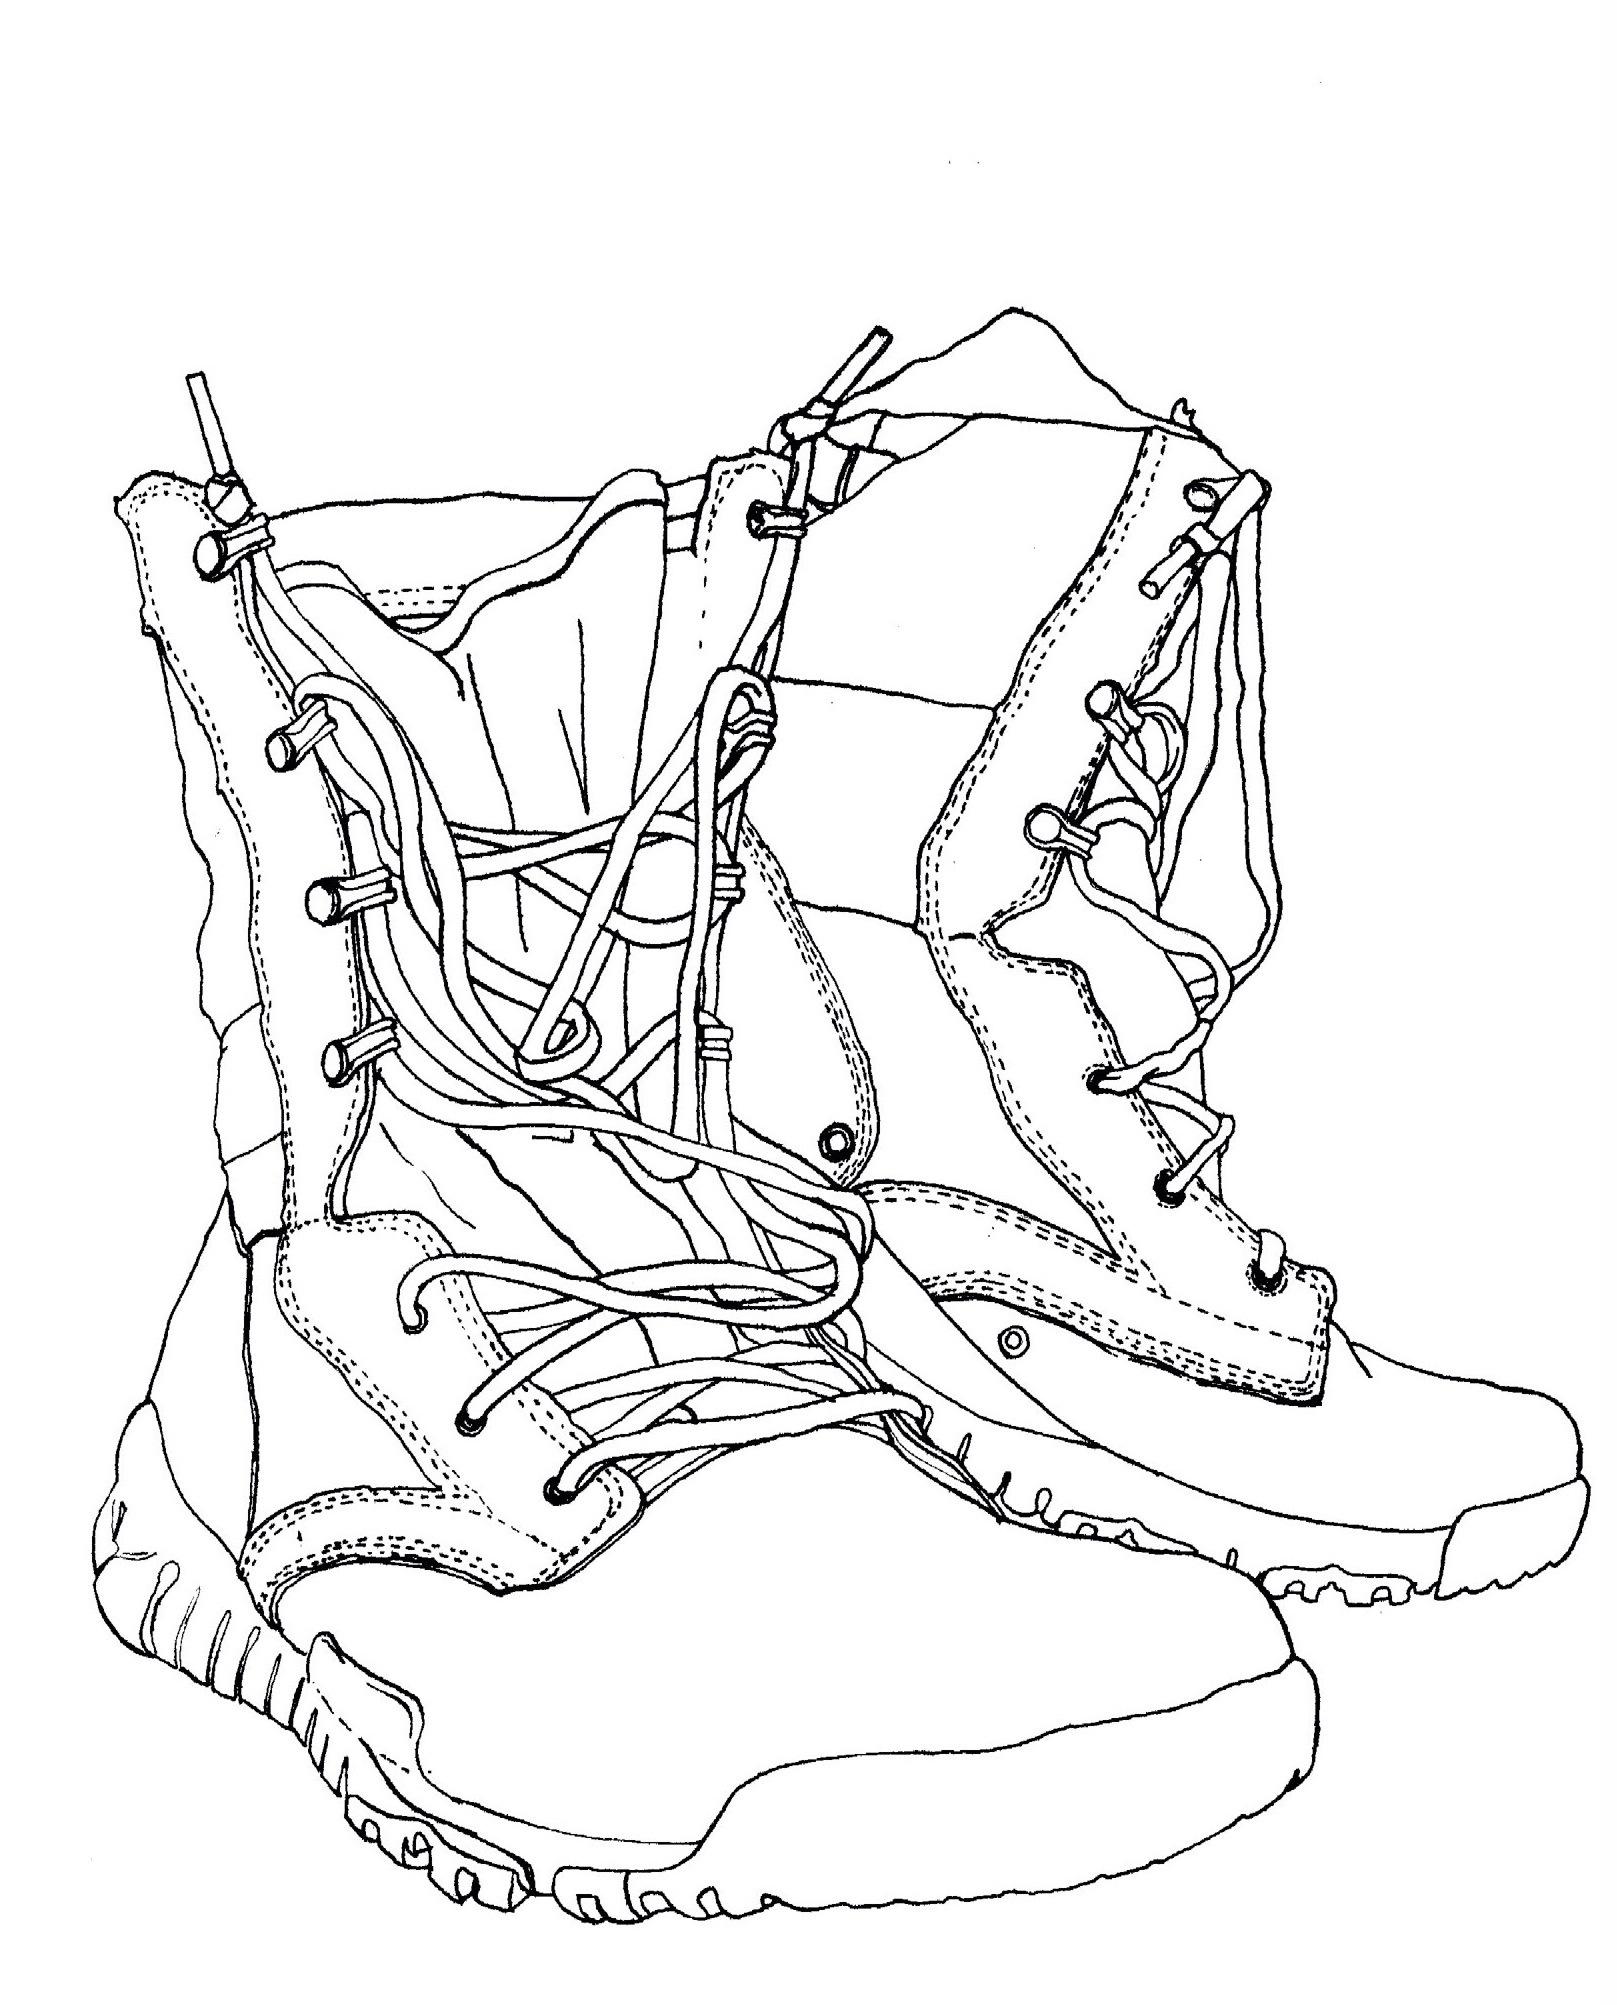 Hiking Boot Drawing At Getdrawings